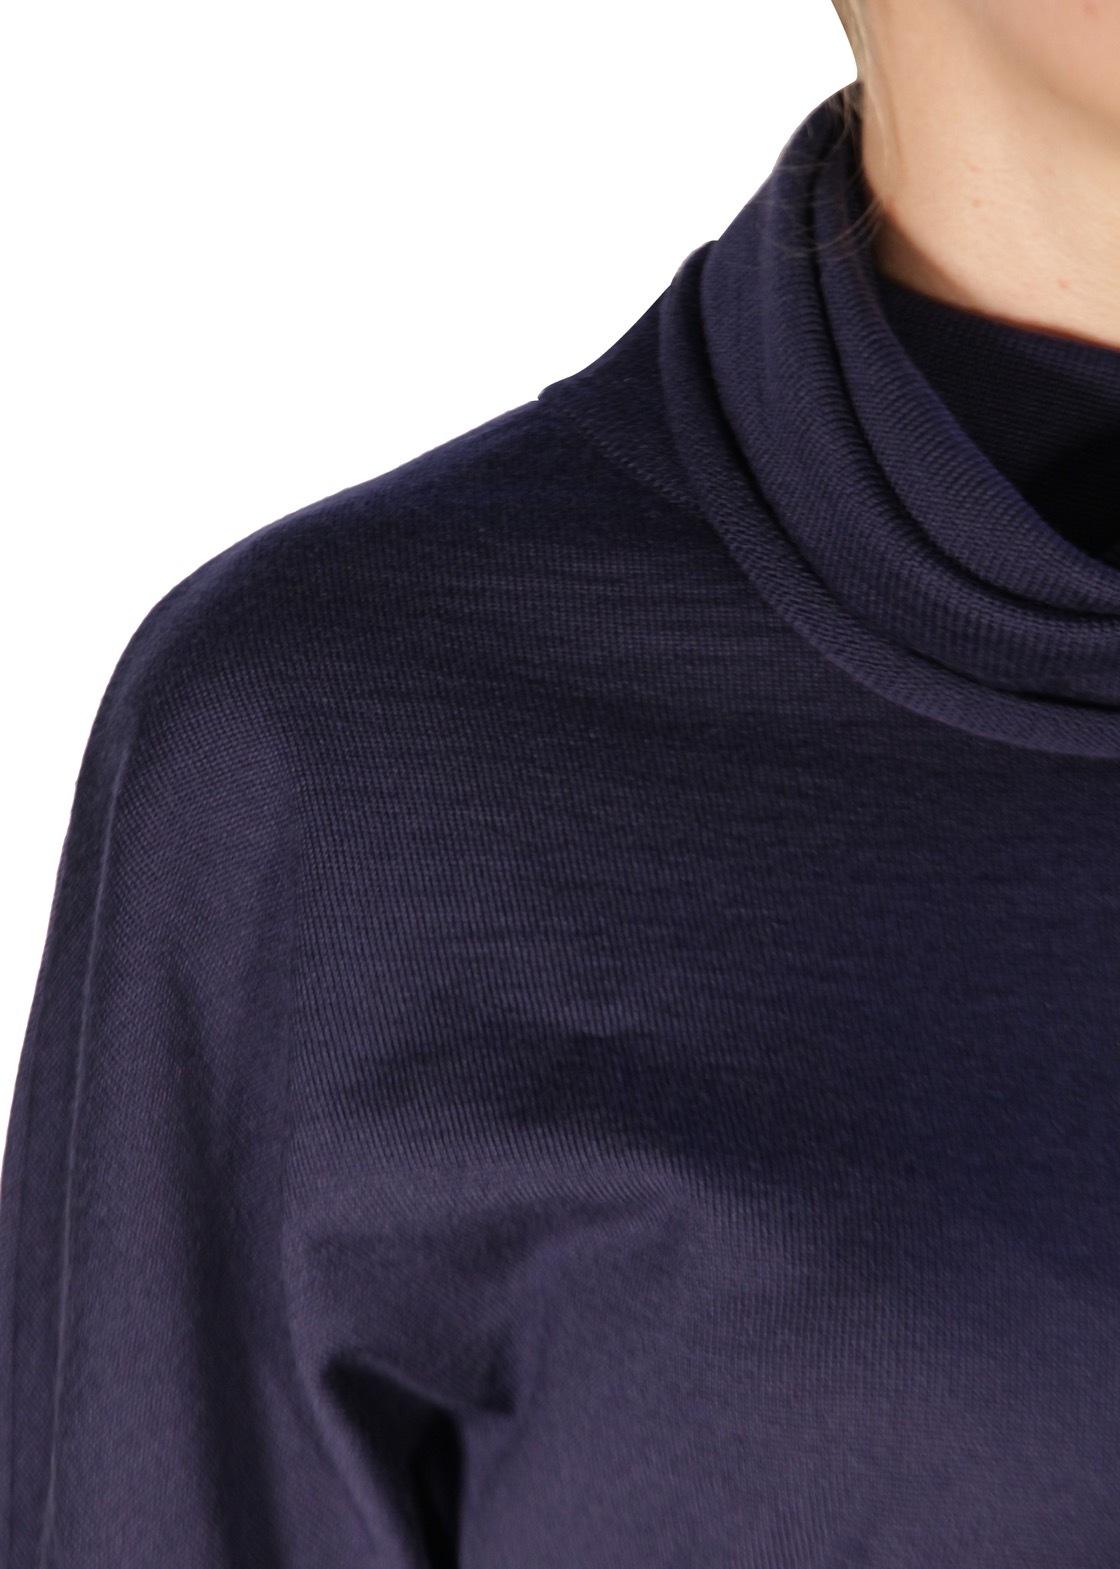 Платье вязаное. Цвет баклажан/синий LES COPAINS